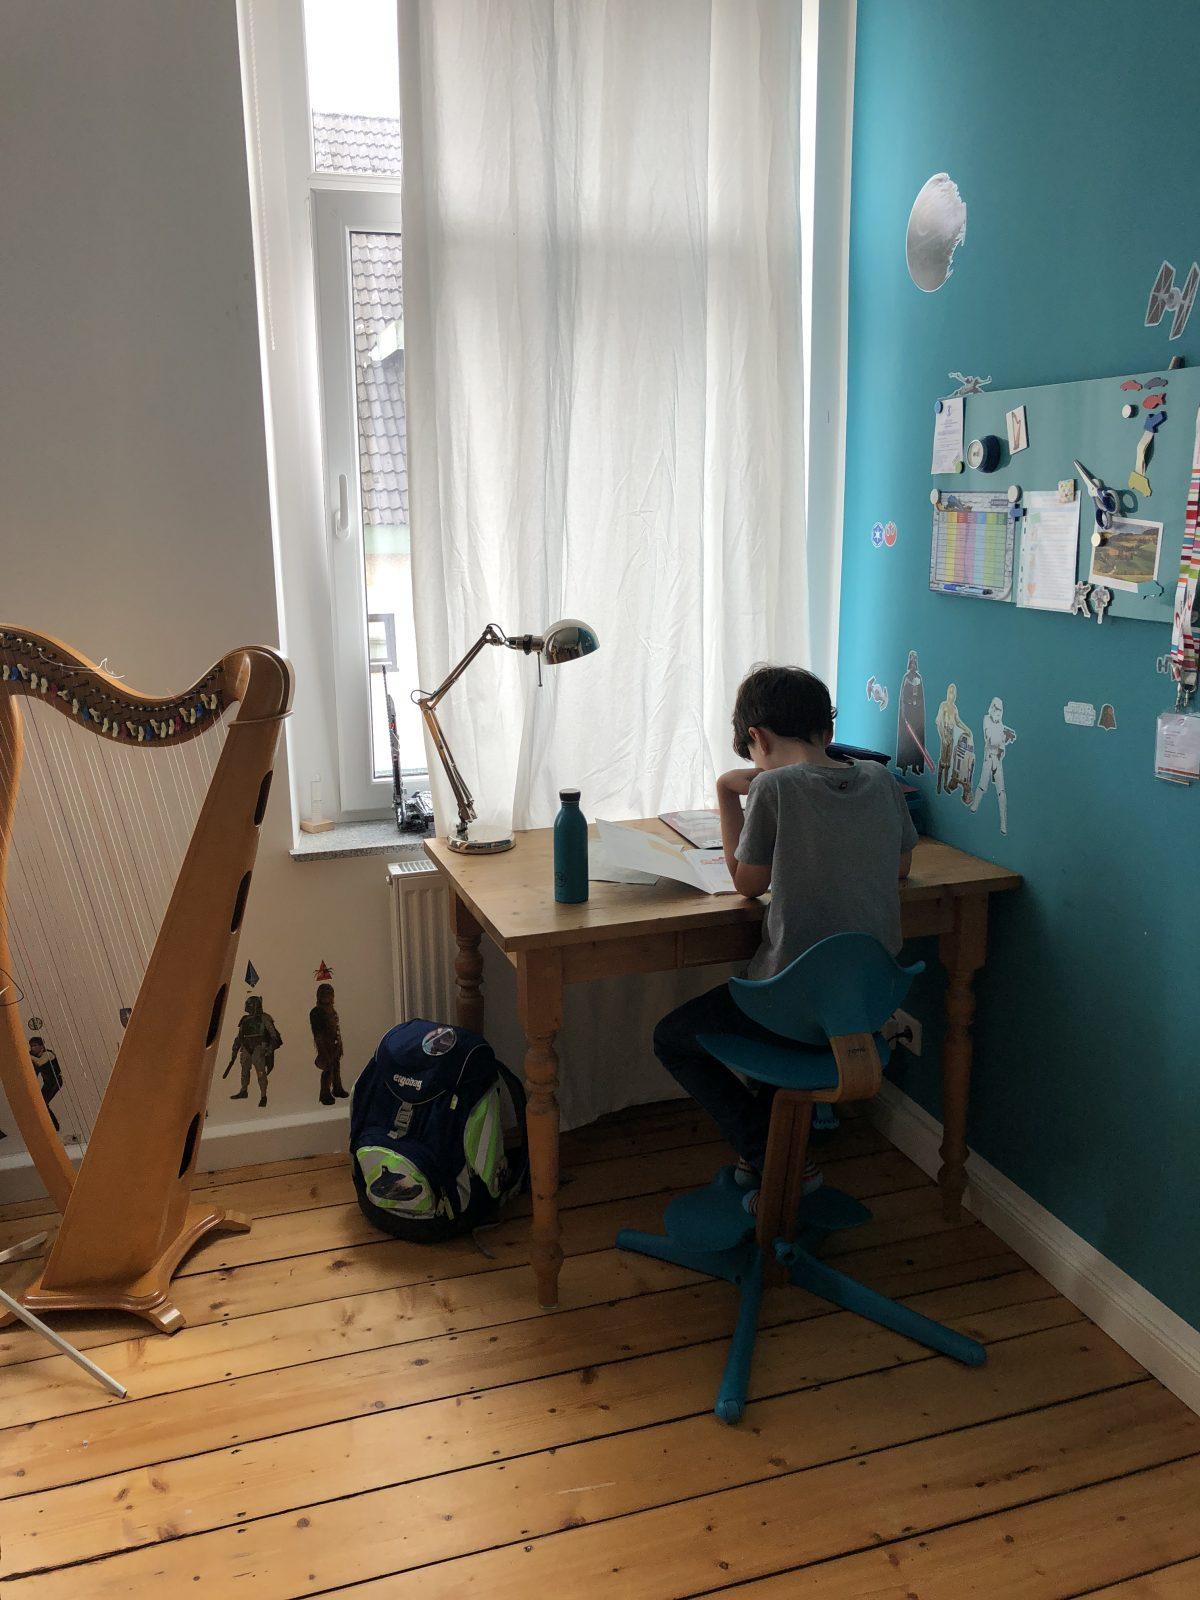 neue nomi schreibtischst hle f r die kinder nomi hochstuhl test bloggermumof3boys. Black Bedroom Furniture Sets. Home Design Ideas